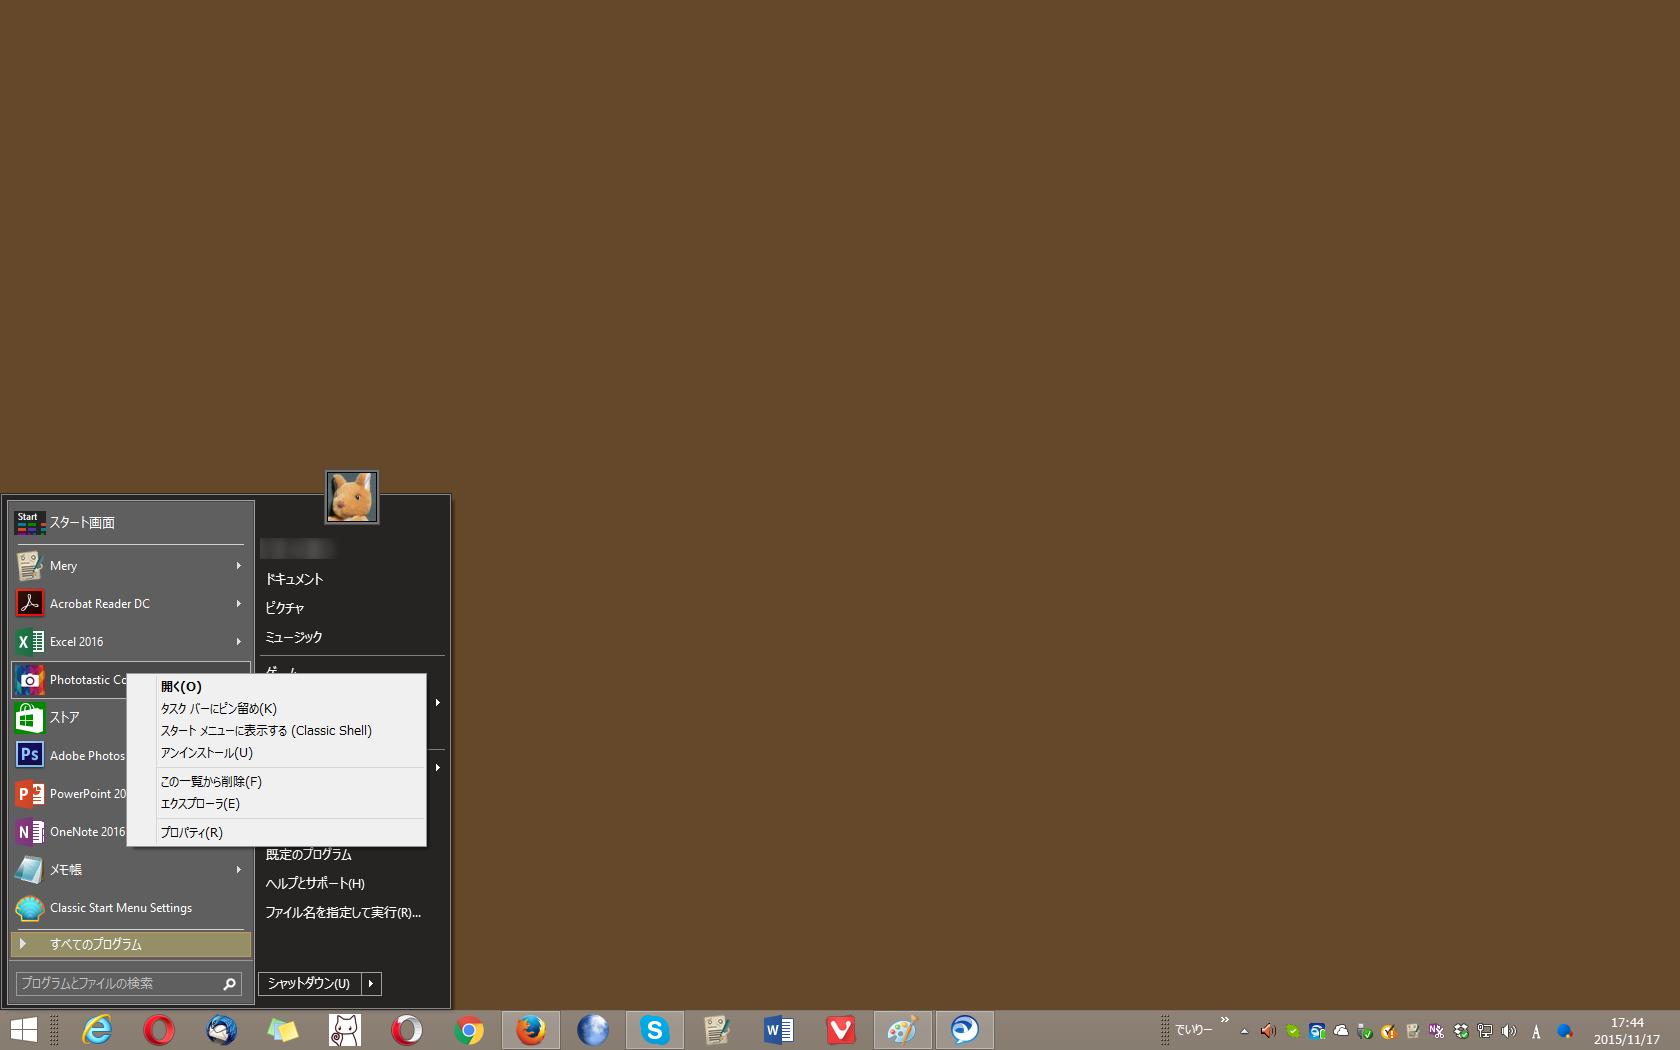 スタートメニューからWindows ストアアプリを削除可能になった